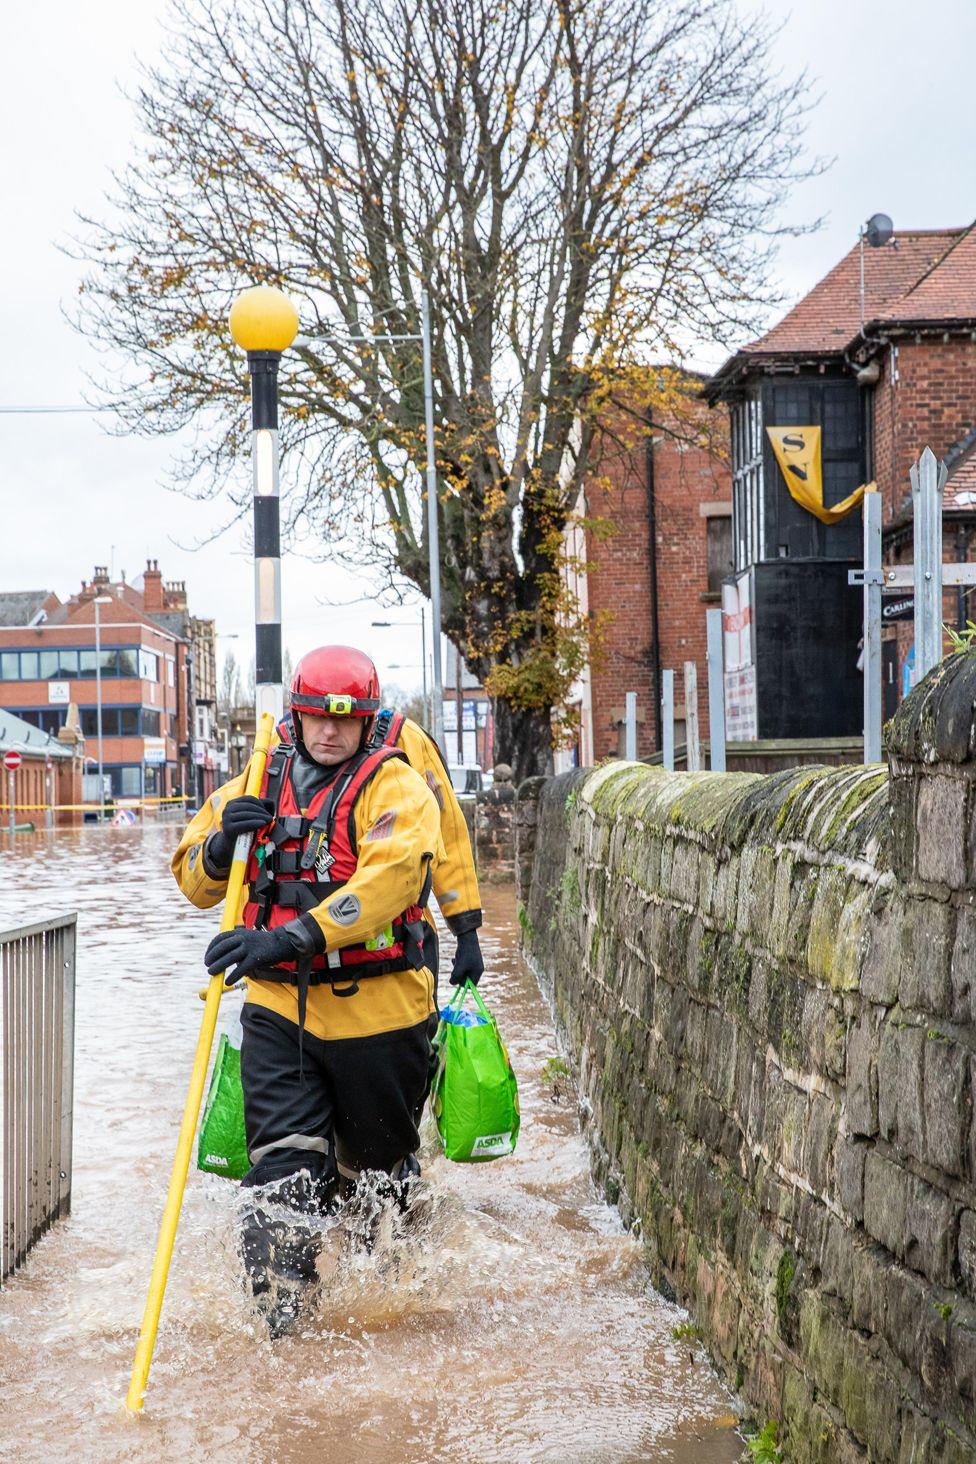 Përmbytja në Worksop